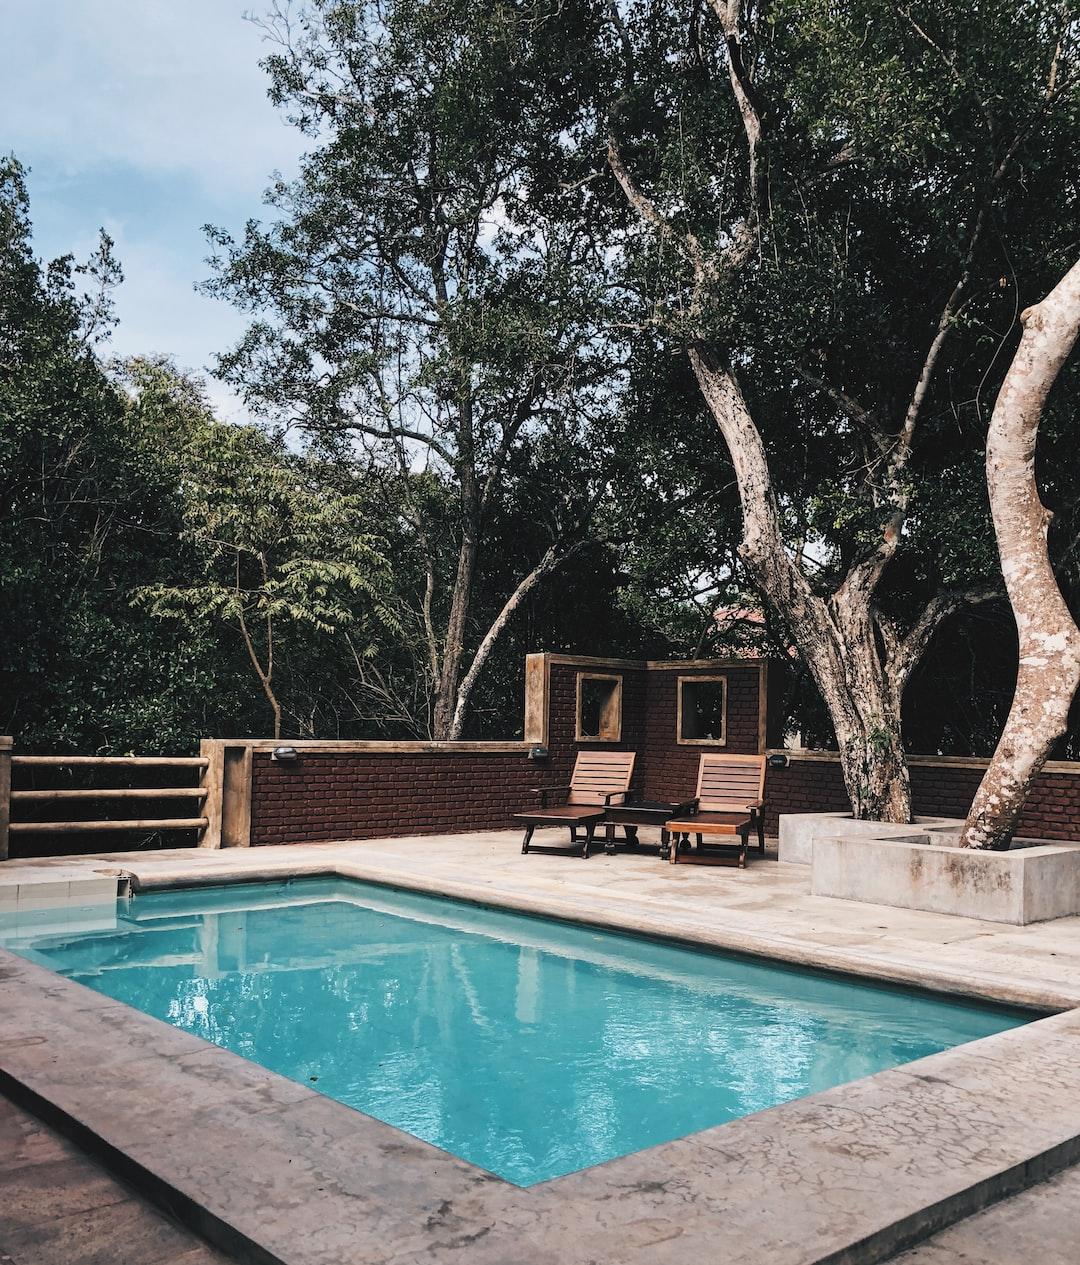 Trees around the pool